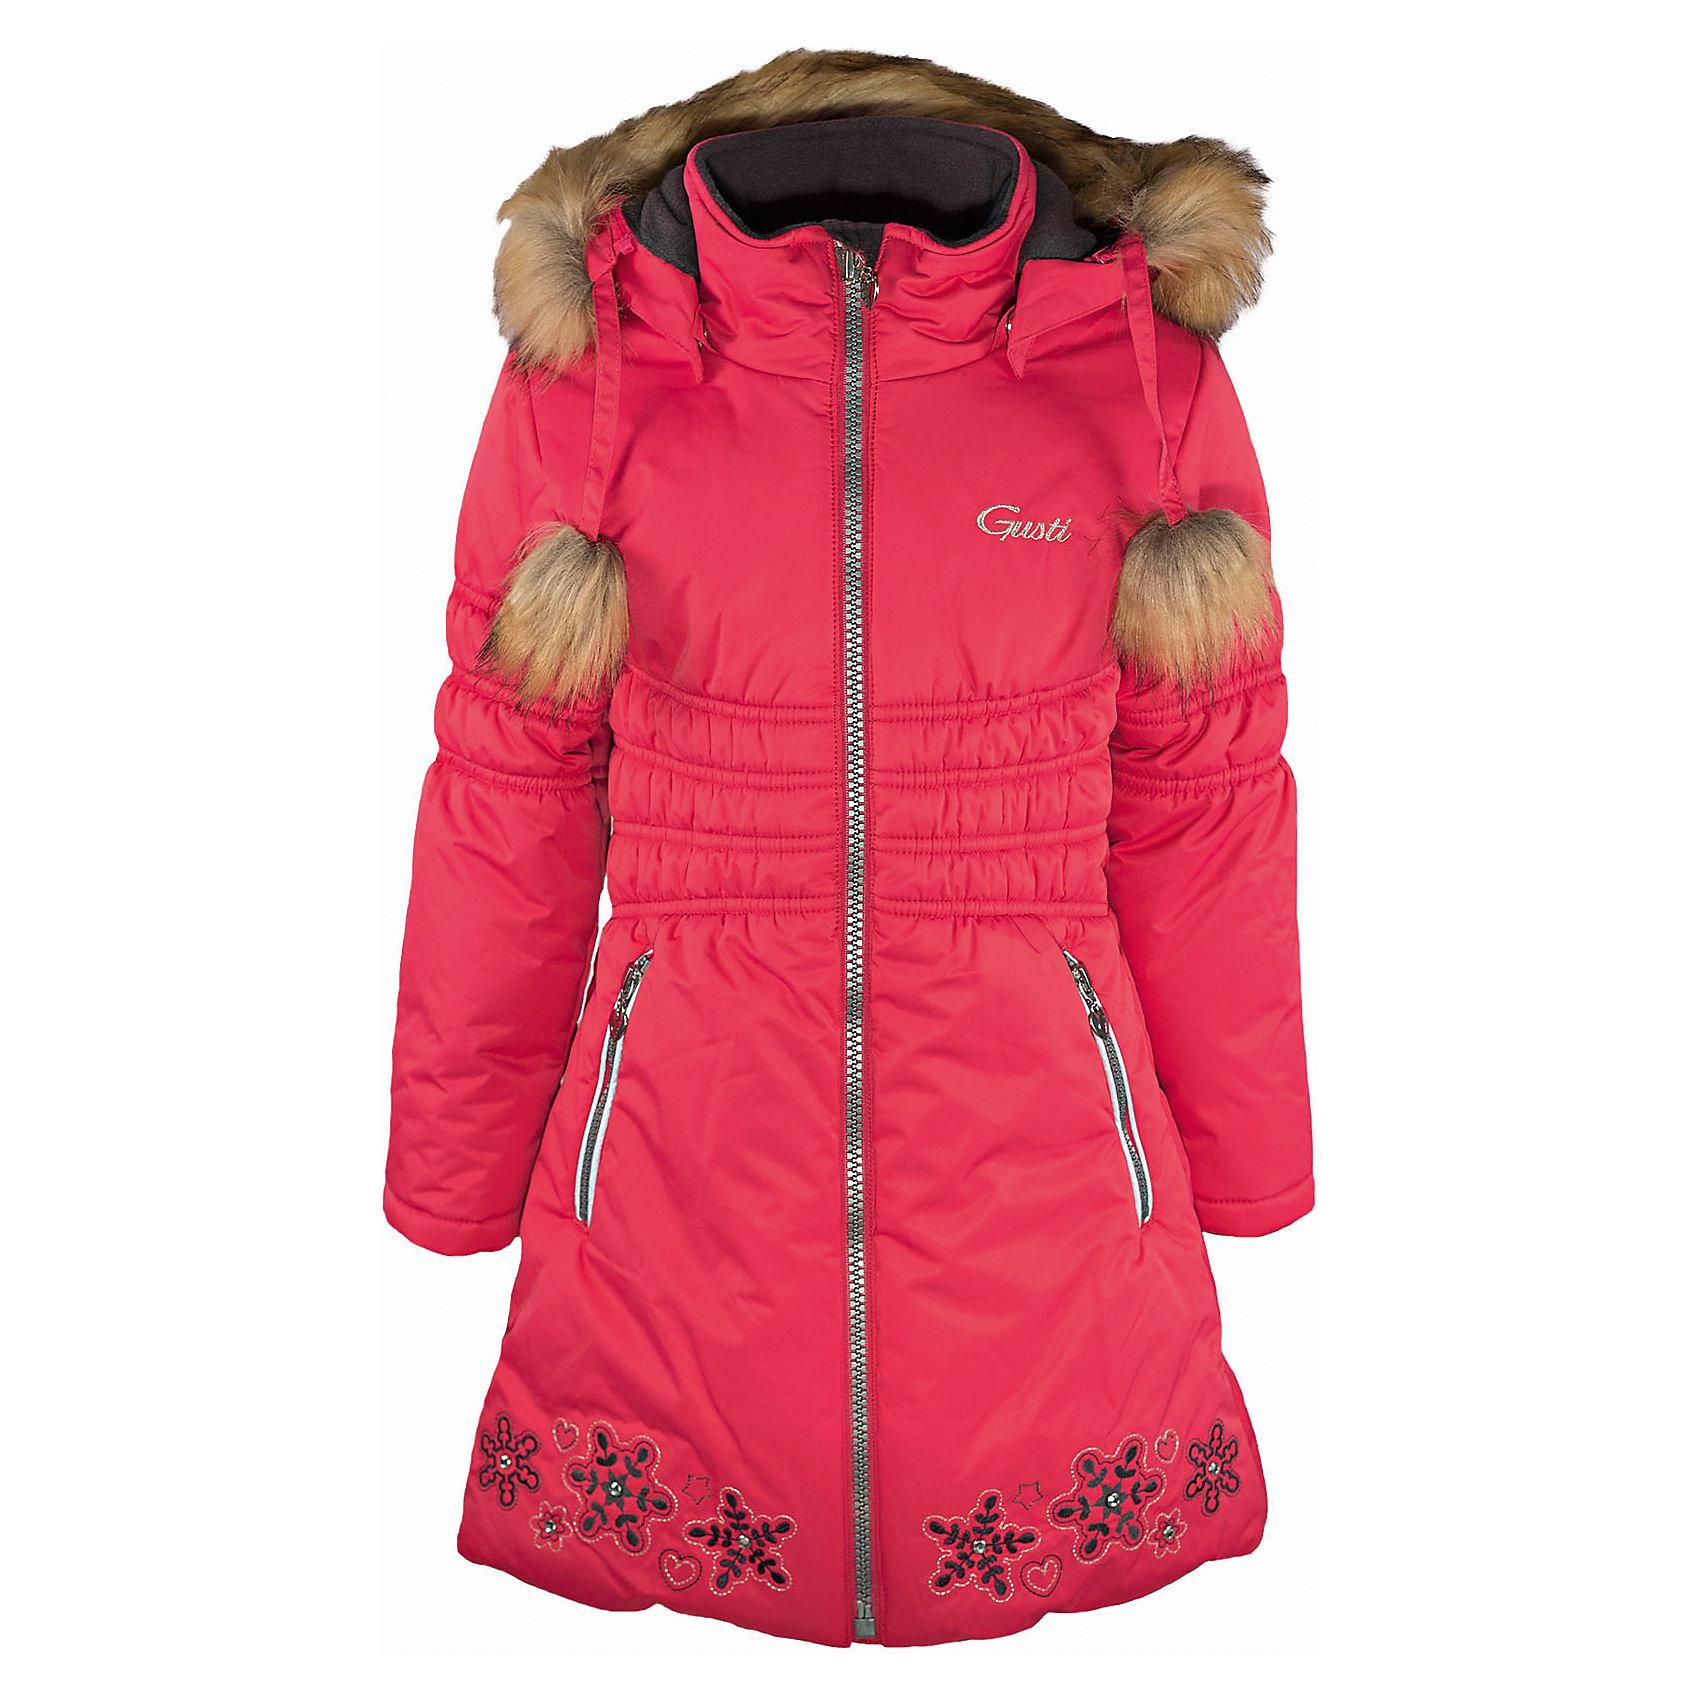 Пальто GUSTIВерхняя одежда<br>Пальто GUSTI (ГУСТИ) – это идеальный вариант для суровой зимы с сильными морозами.<br><br>Температурный режим: до -30  градусов. Степень утепления – высокая. <br><br>* Температурный режим указан приблизительно — необходимо, прежде всего, ориентироваться на ощущения ребенка. Температурный режим работает в случае соблюдения правила многослойности – использования флисовой поддевы и термобелья.<br><br>Пальто от GUSTI (ГУСТИ) выполнено из плотного непромокаемого материала с защитной от влаги мембраной 5000 мм. Тань хорошо сохраняет тепло, отталкивает влагу и позволяет коже ребенка дышать. Утеплитель из тек-полифилла и флисовая внутренняя отделка дают возможность использовать пальто при очень низких температурах. Оригинальности и яркости модели придает вышивка со стразами. Пальто застегивается на молнию с внутренней ветрозащитной планкой, имеет два кармана на застежках-молниях, трикотажные манжеты в рукавах, съемный капюшон с отстегивающейся оторочкой из искусственного меха. Модель подходит для прогулок на морозе до -30 градусов.<br><br>Дополнительная информация:<br><br>- Сезон: зима<br>- Пол: девочка<br>- Цвет: розовый<br>- Температурный режим до -30 градусов<br>- Материал верха: shell с полиуретановым напылением с внутренней стороны (водоотталкивающая пропитка 5000 мм.) 100% полиэстер<br>- Наполнитель: тек-полифилл плотностью 283 гр/м (10 унций) 100% полиэстер<br>- Подкладка: флис (100% полиэстер)<br>- Молнии и фурнитура YKK<br>- Светоотражающие элементы 3М Scotchlite<br><br>Пальто GUSTI (ГУСТИ) можно купить в нашем интернет-магазине.<br><br>Ширина мм: 356<br>Глубина мм: 10<br>Высота мм: 245<br>Вес г: 519<br>Цвет: розовый<br>Возраст от месяцев: 36<br>Возраст до месяцев: 48<br>Пол: Женский<br>Возраст: Детский<br>Размер: 100,92,122,140,164,98<br>SKU: 4972727